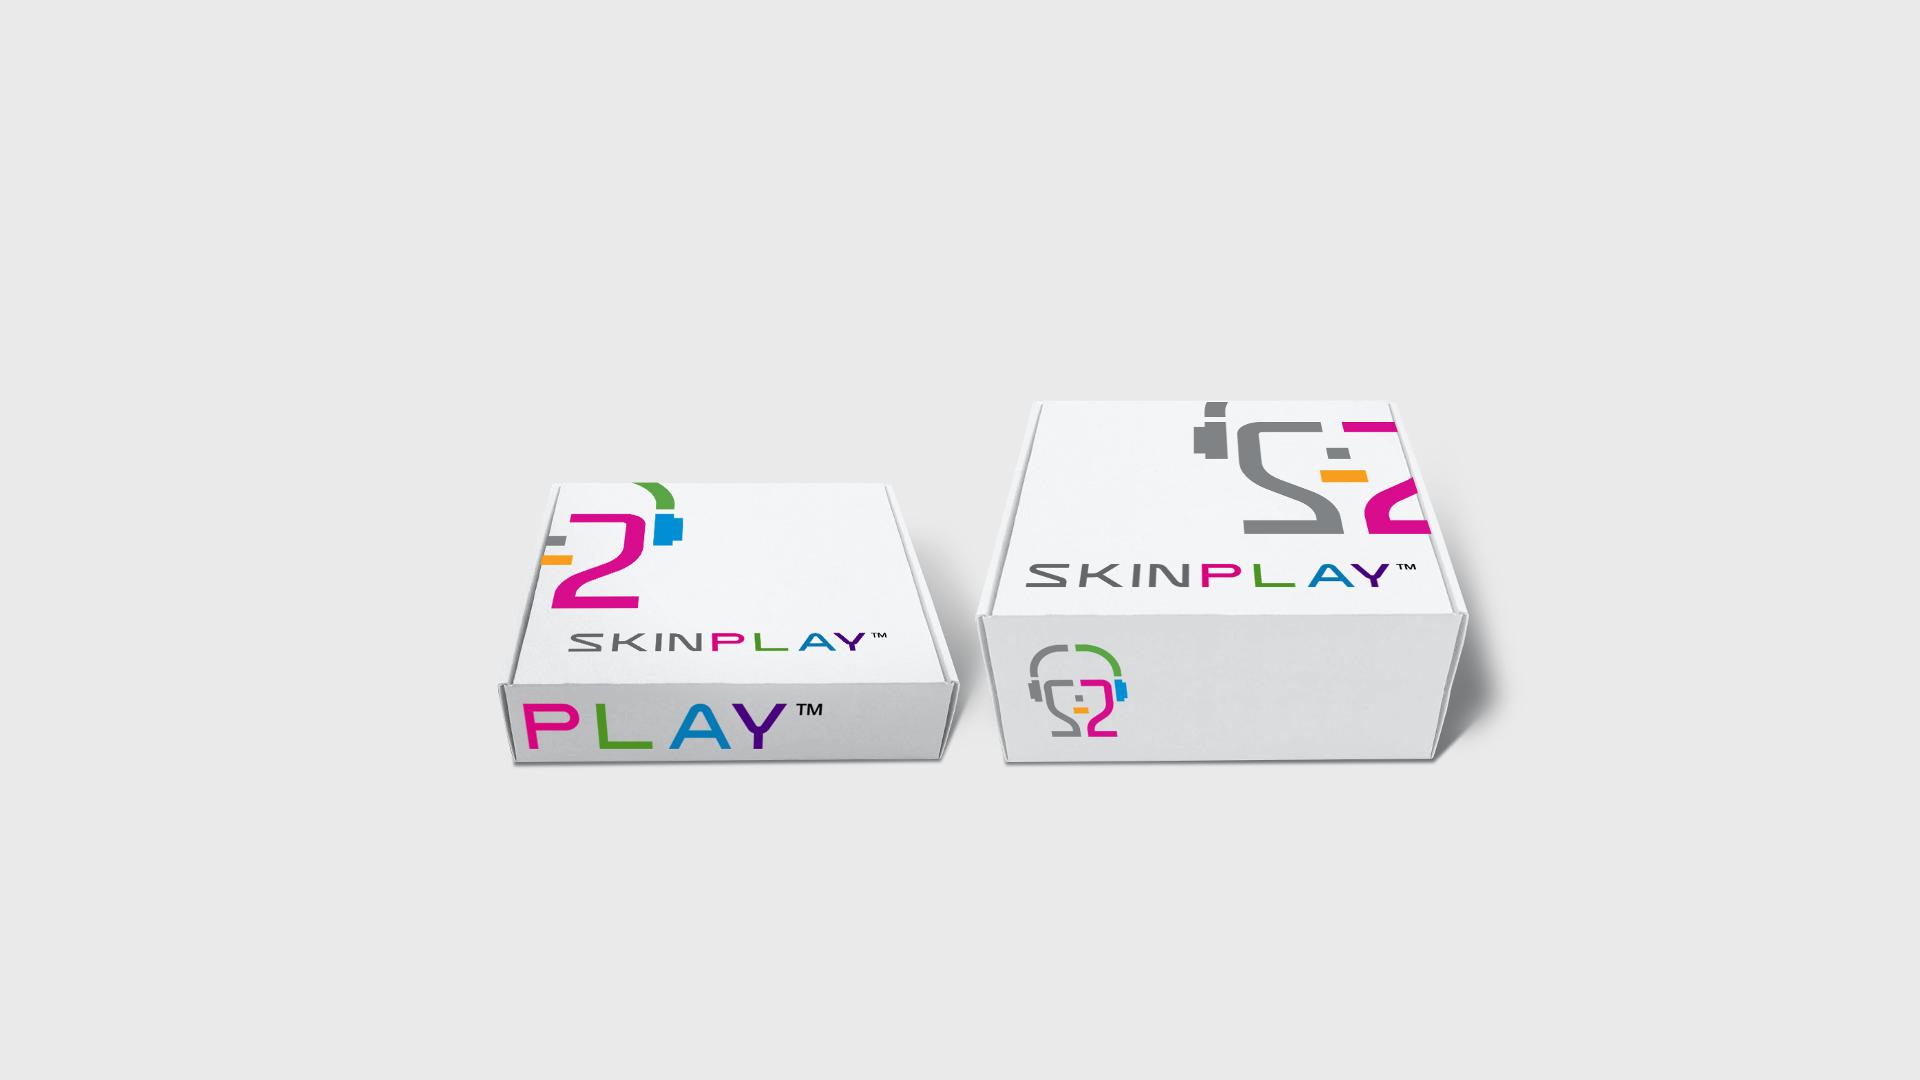 SKIN P L A Y Cardboard Box